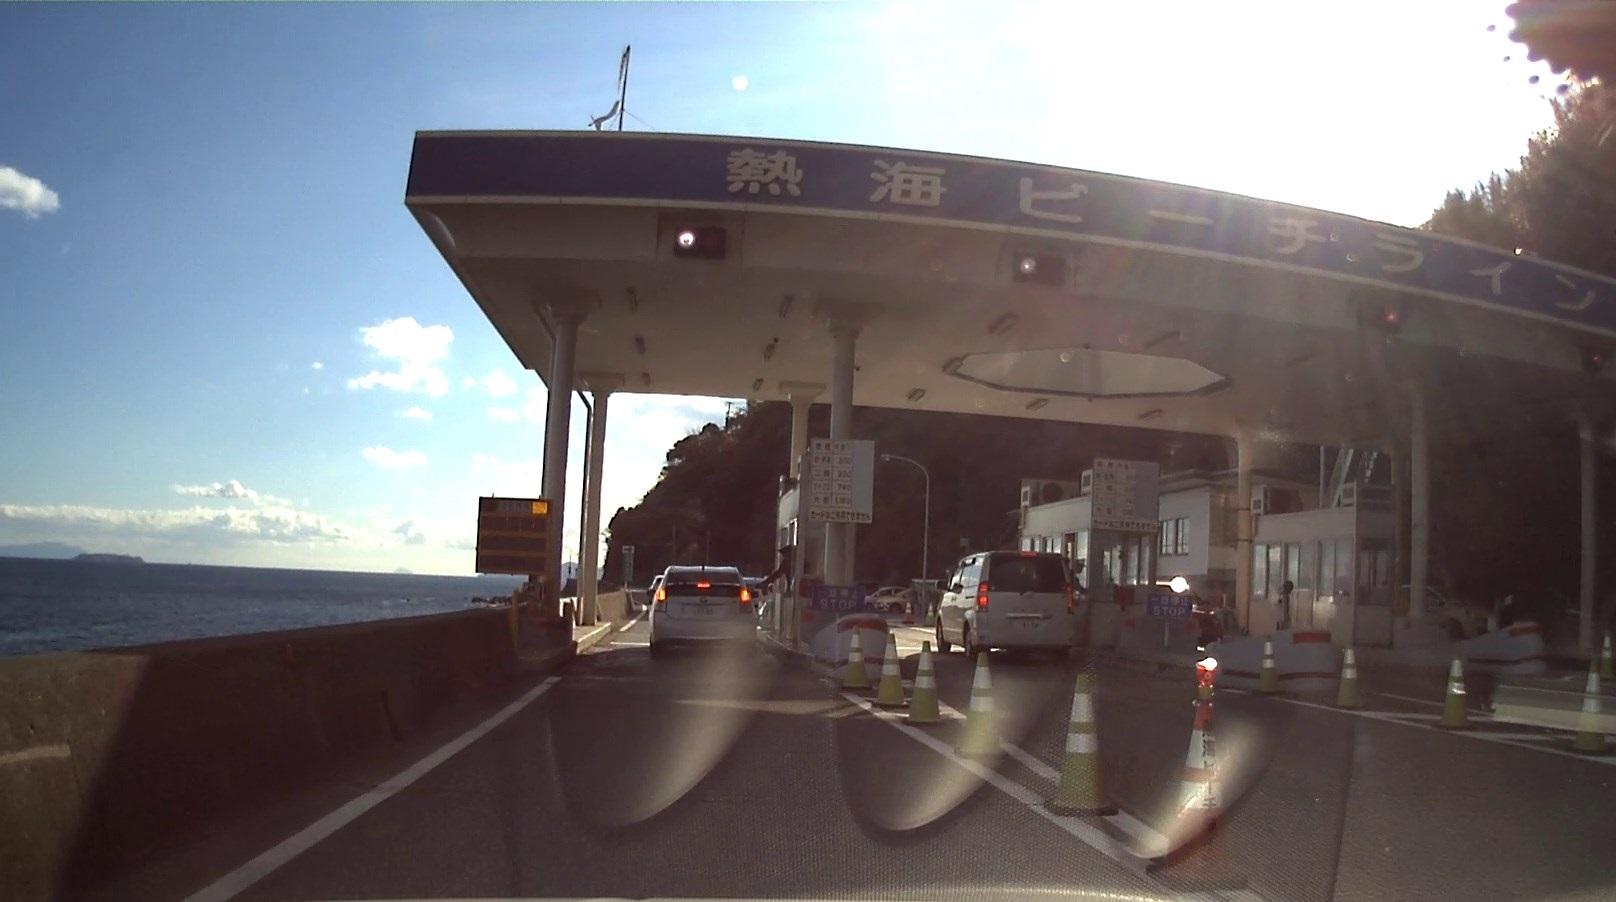 【熱海ビーチライン】ゆったりとドライブする海岸線 静岡県